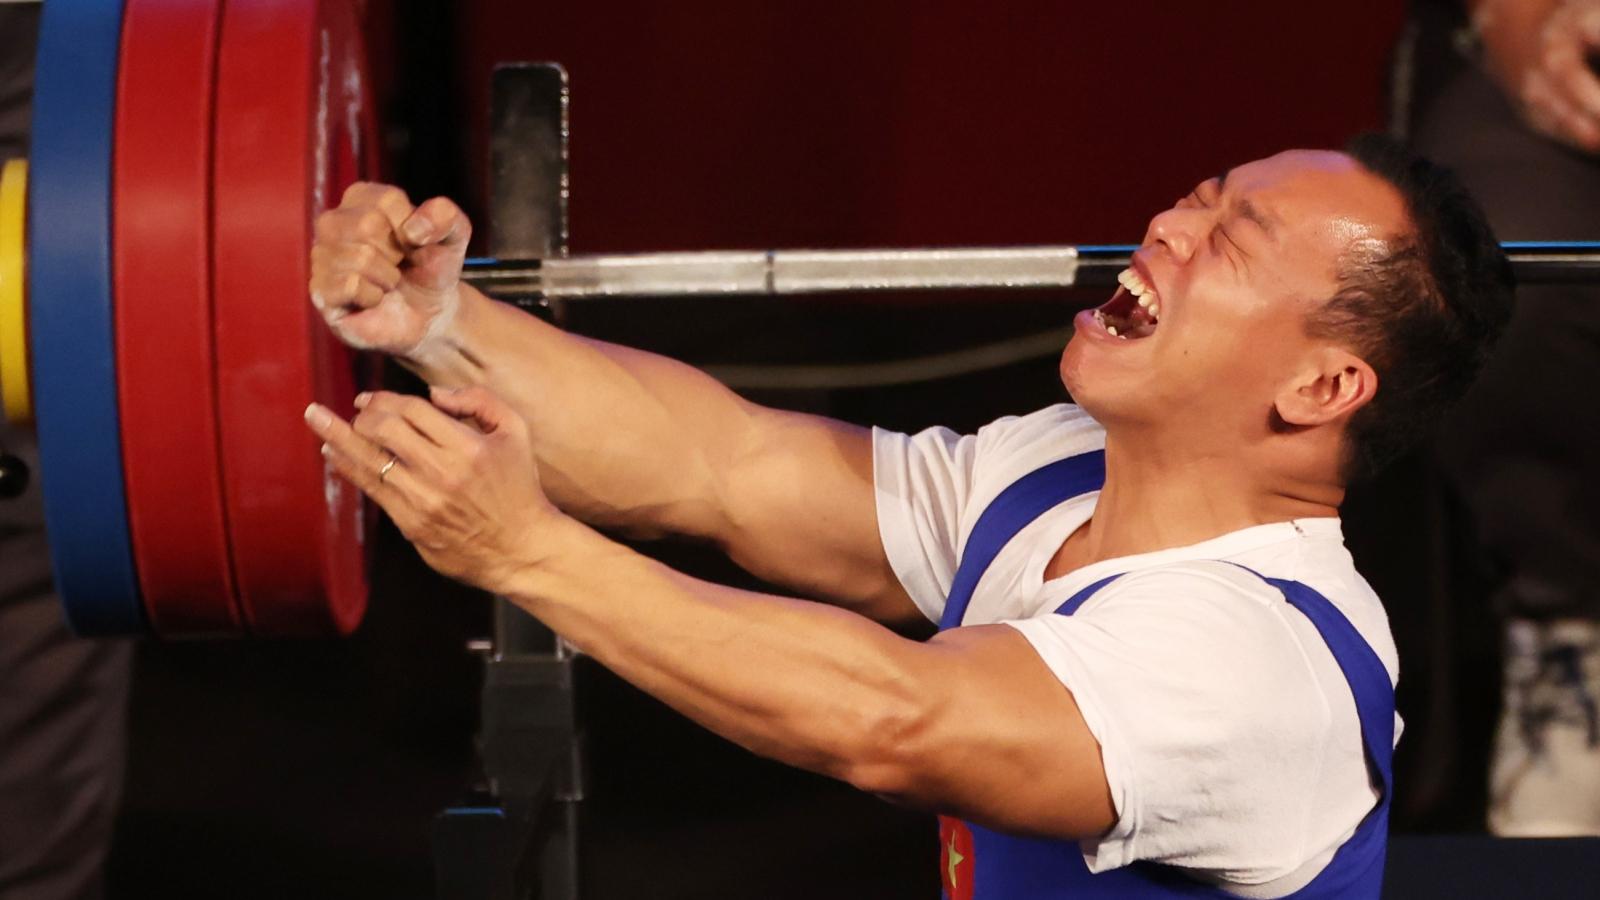 VĐV Lê Văn Công: Thật tuyệt vời khi giành HCB Paralympic Tokyo